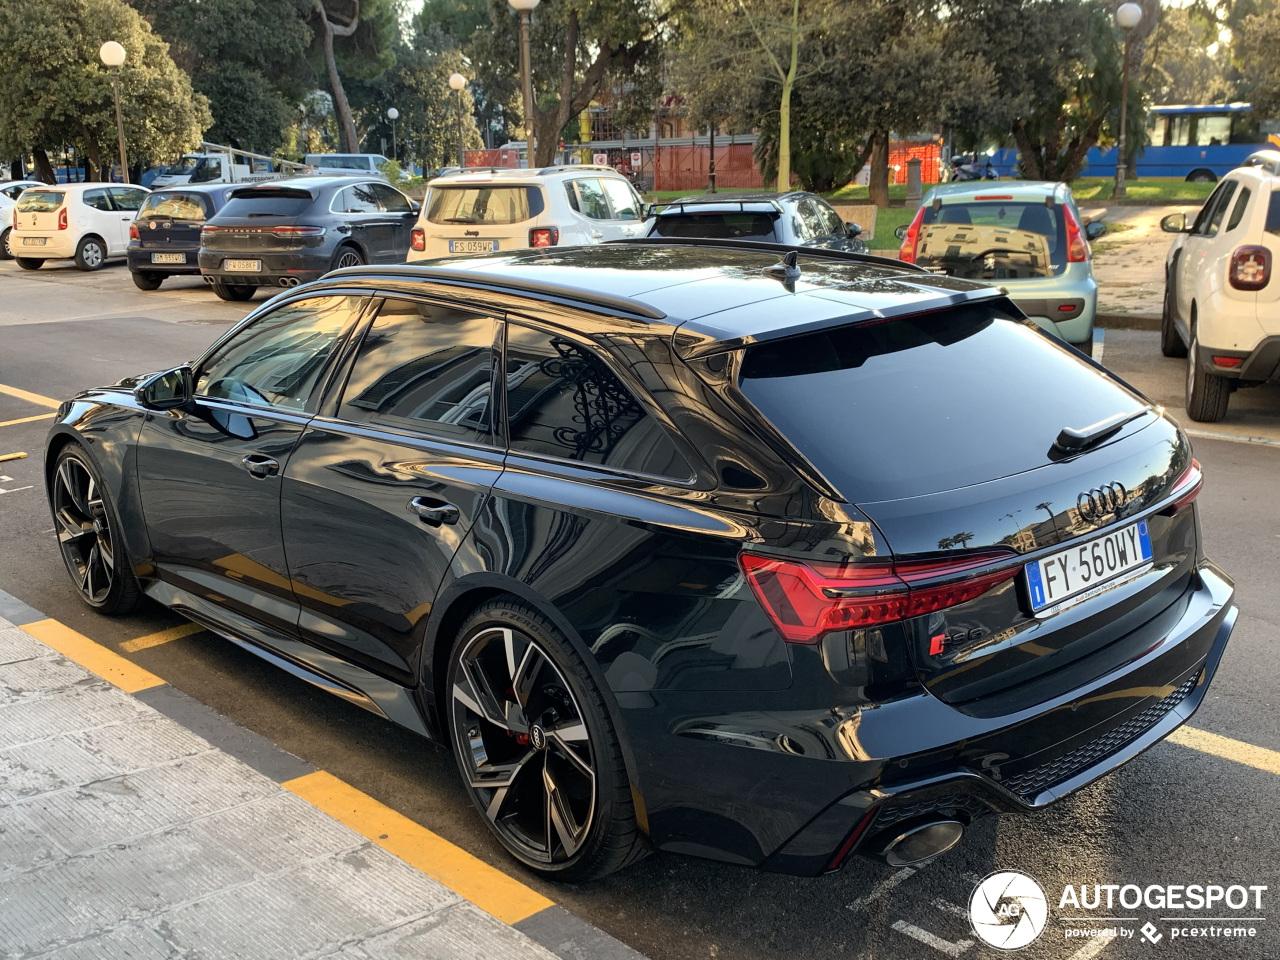 Het is los! De Audi RS6 Avant C8 nu ook gespot in het zwart